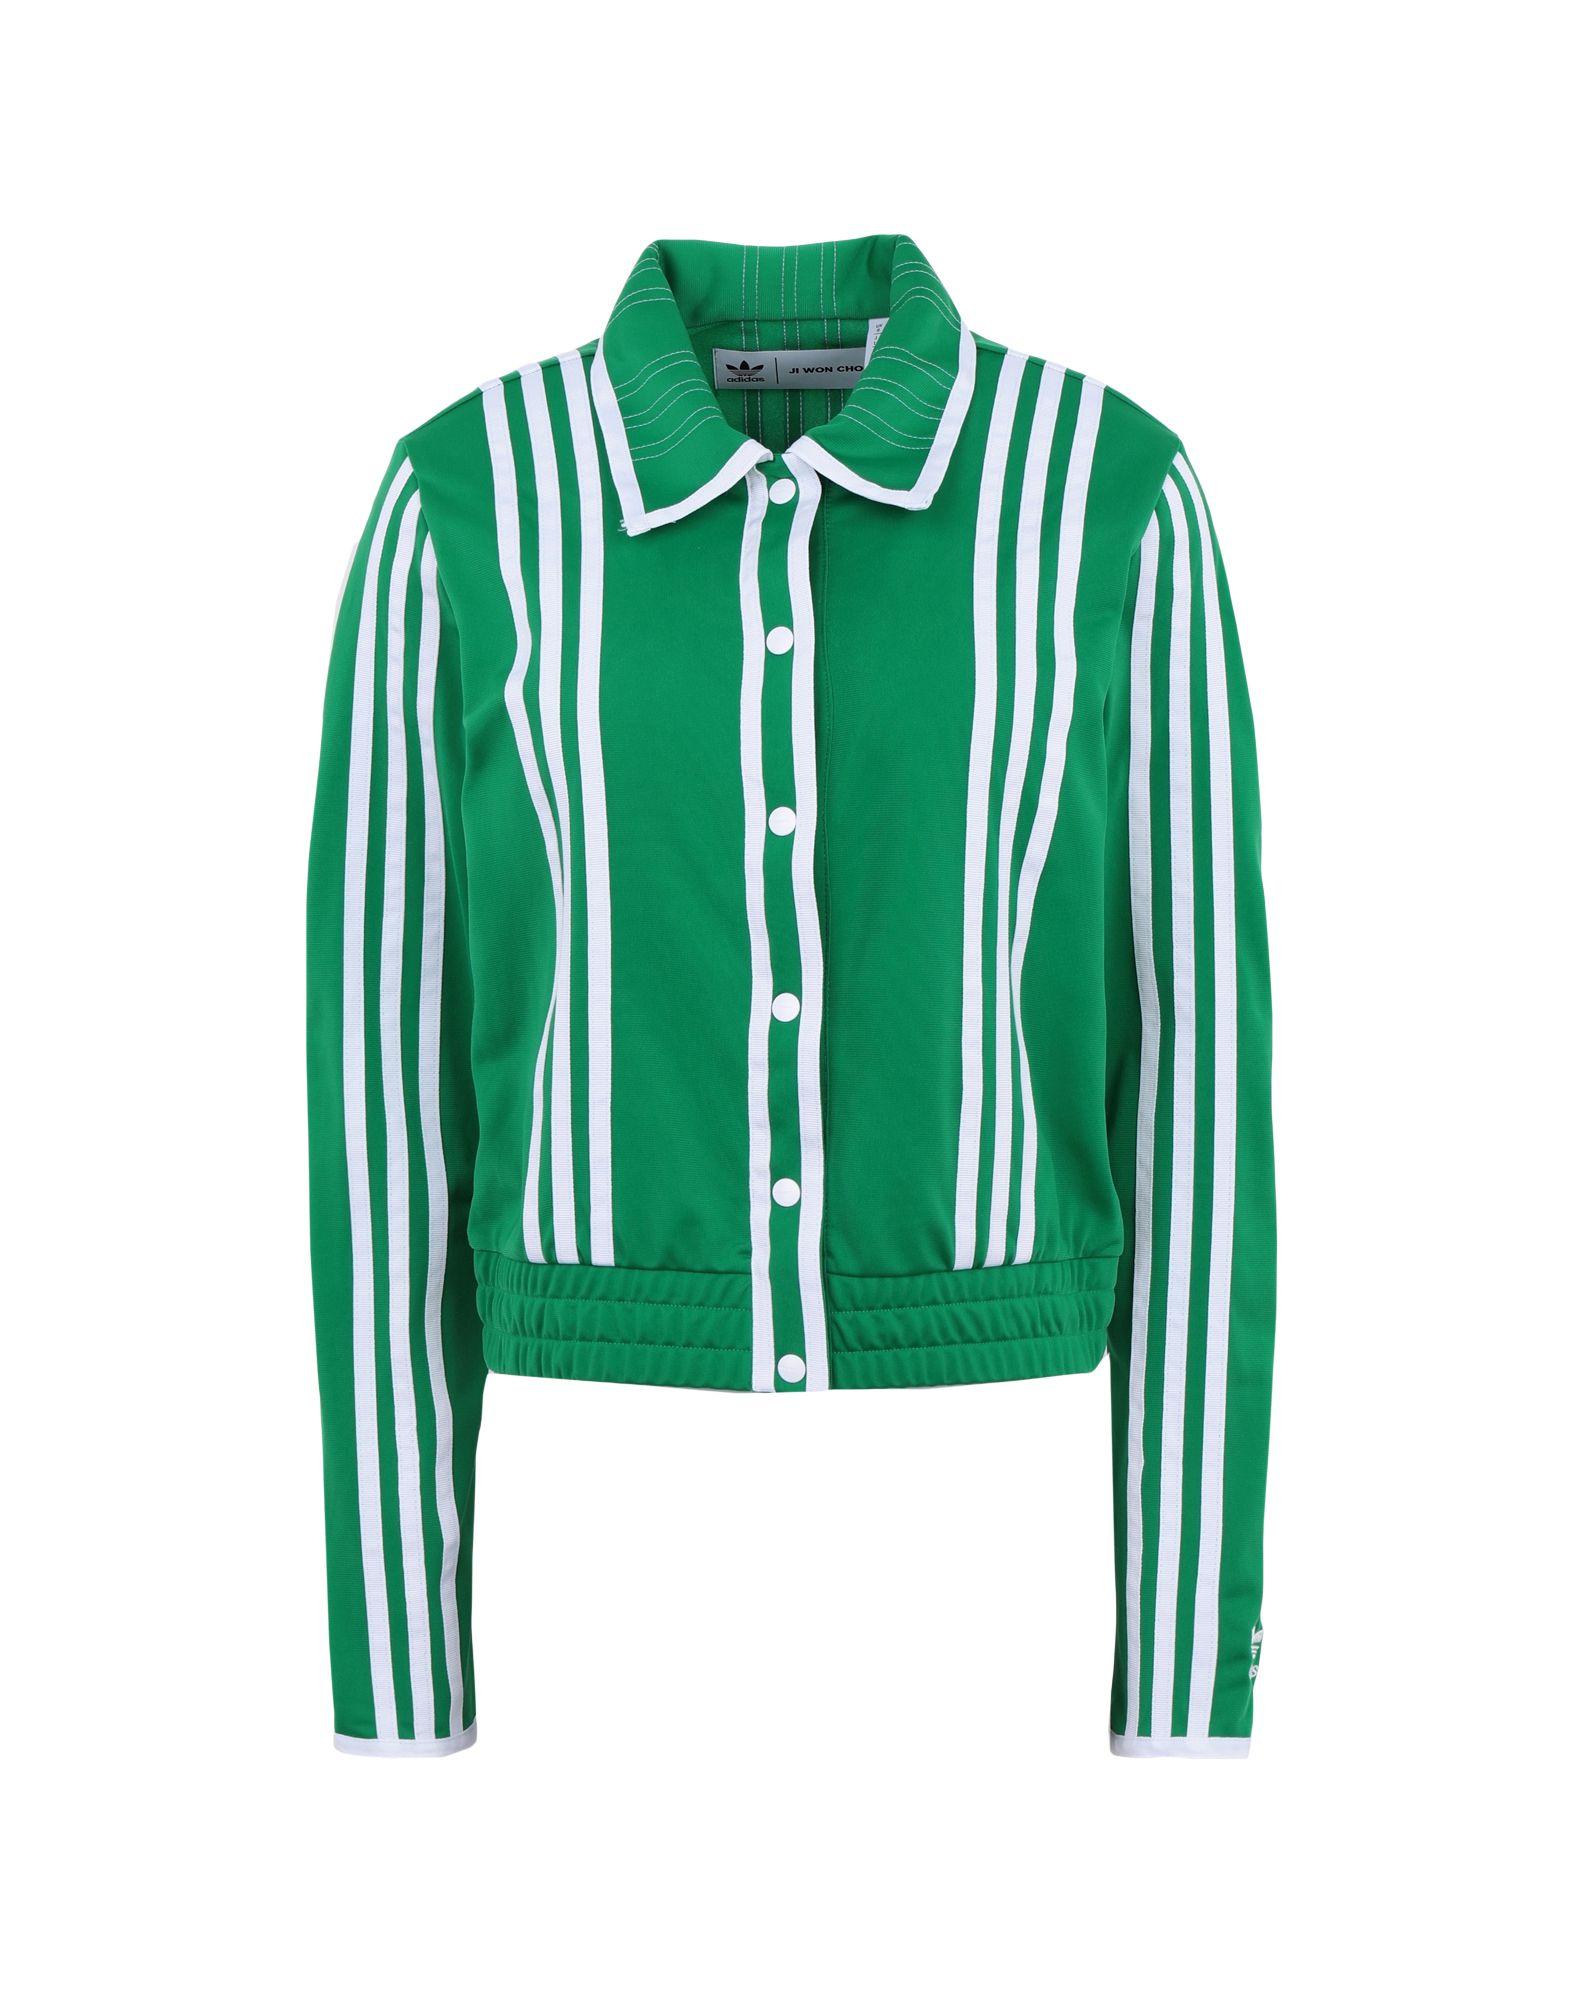 《期間限定 セール開催中》ADIDAS ORIGINALS x JI WON CHOI レディース スウェットシャツ グリーン 32 リサイクルポリエステル 100% TRACKTOP